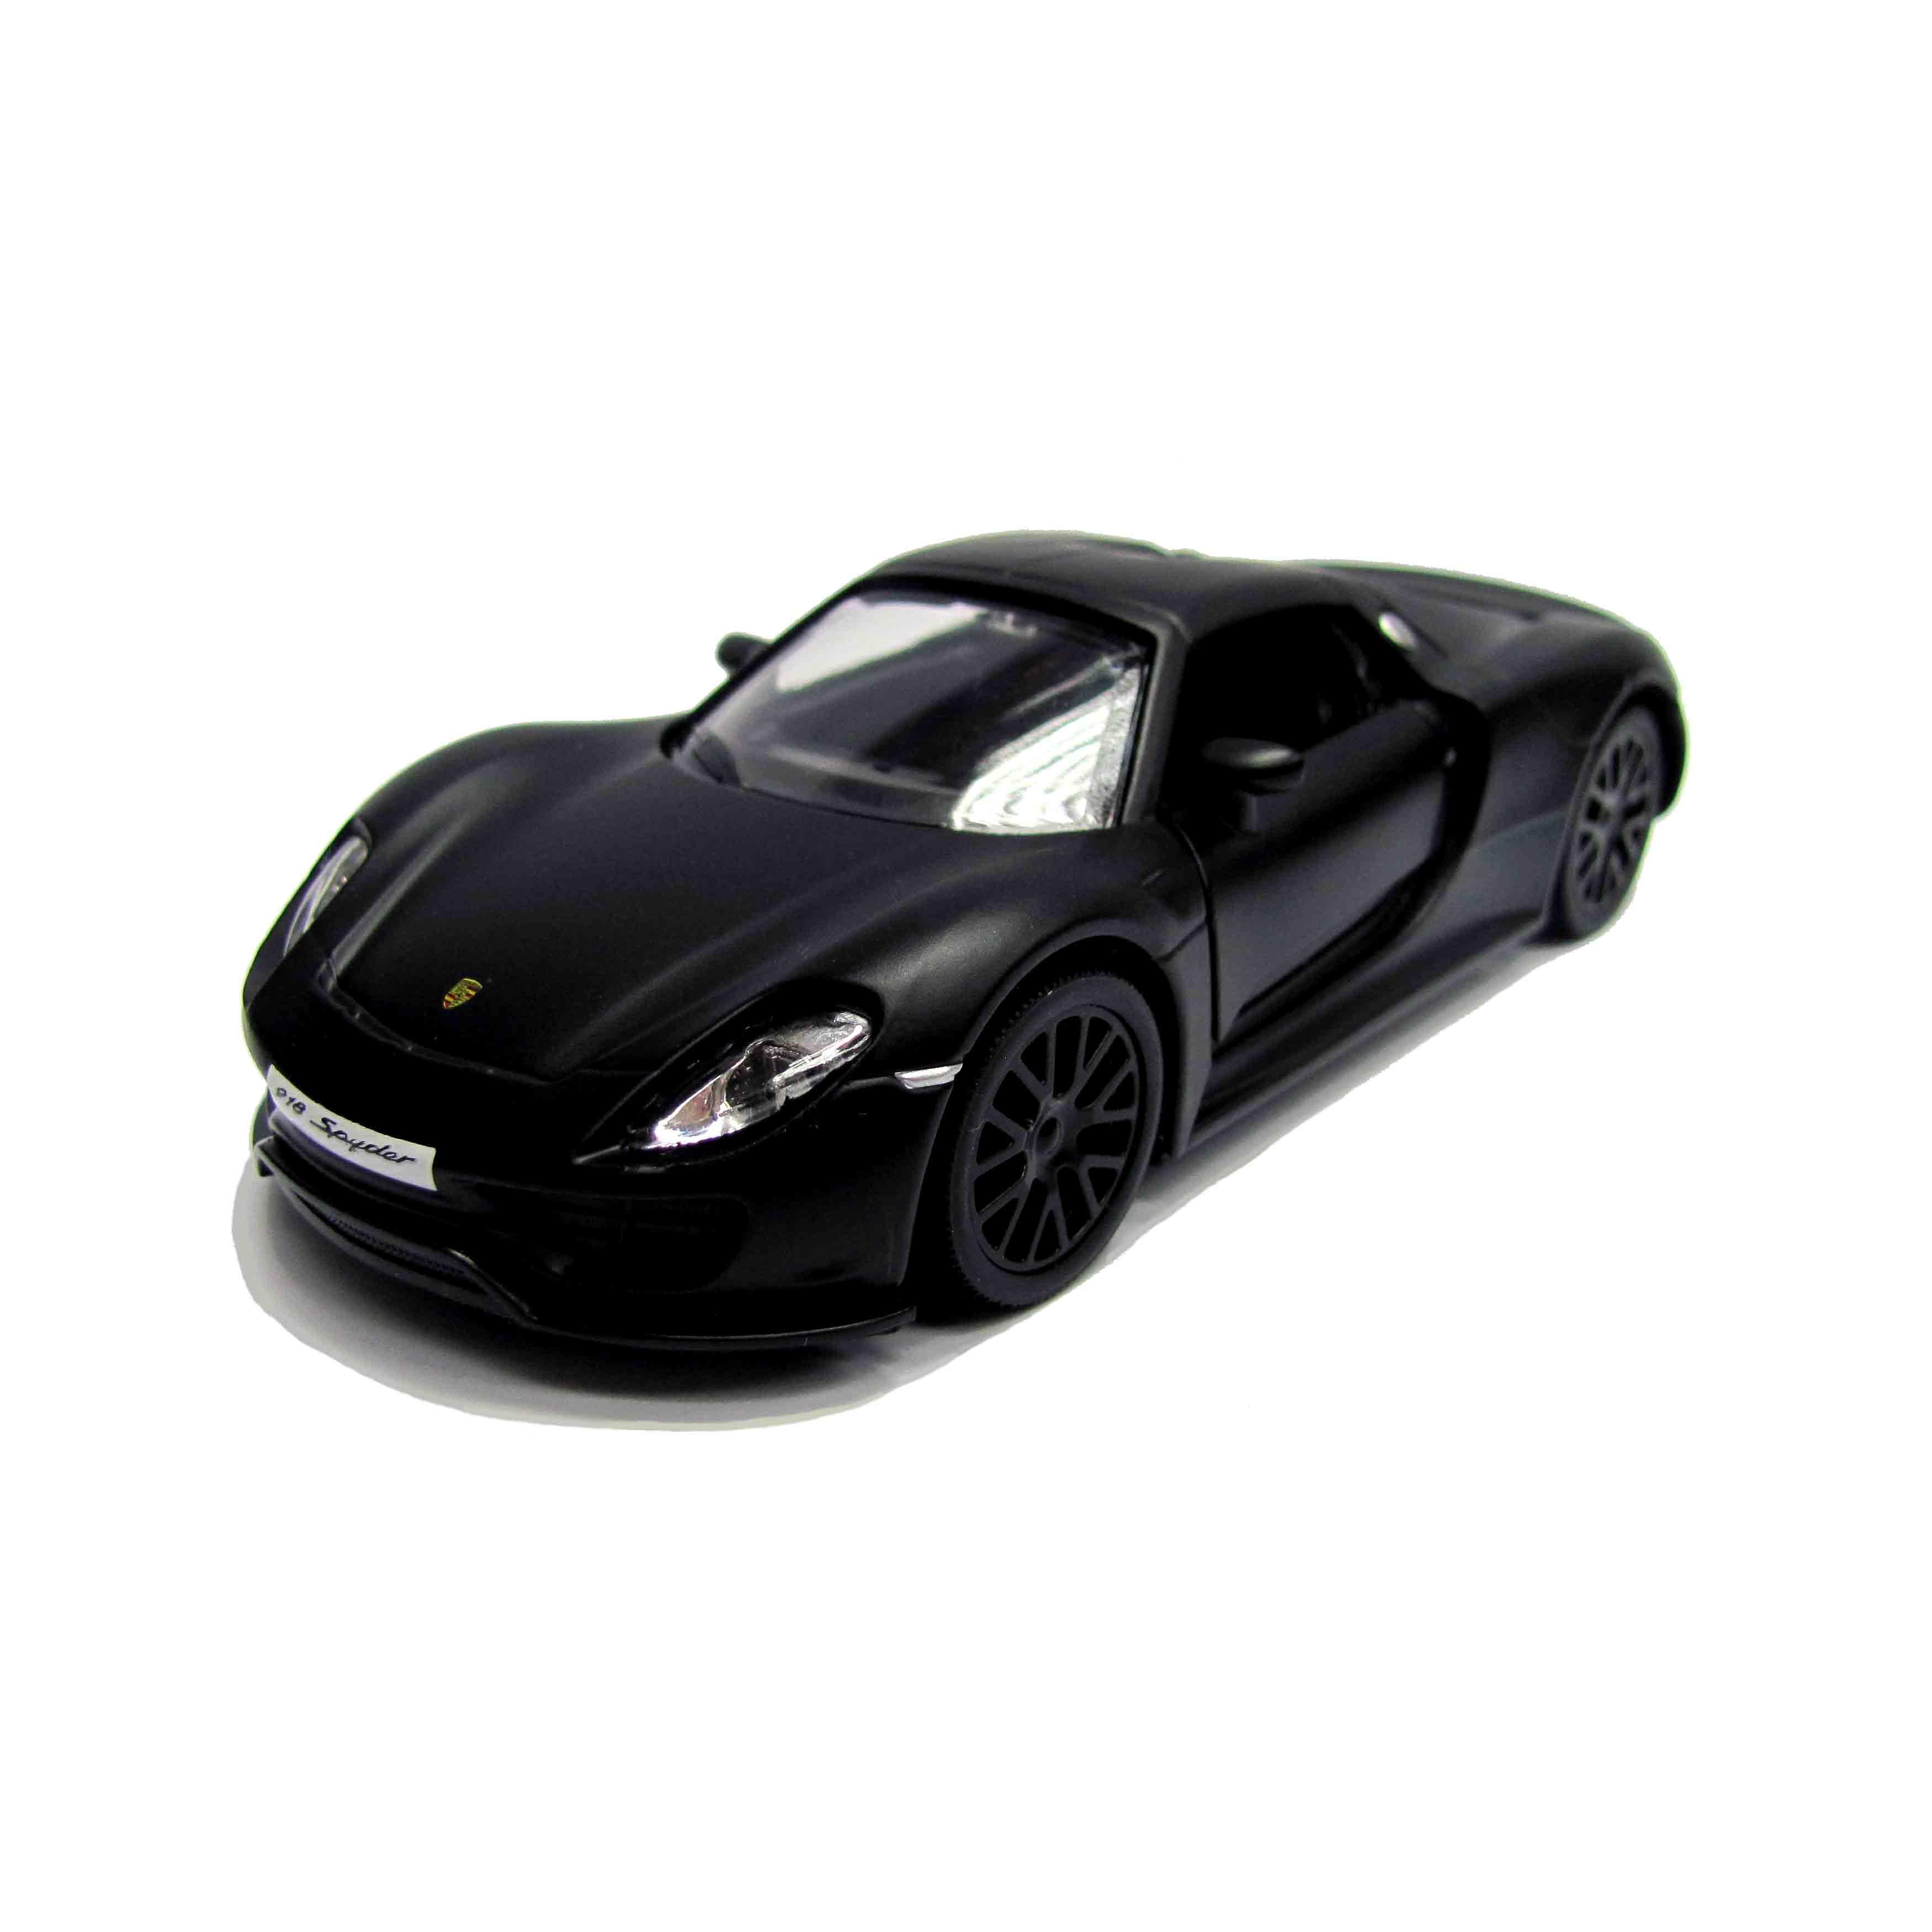 Металлическая инерционная машина RMZ City - Porsche 918 Spyder, 1:32, черный матовыйPorsche<br>Металлическая инерционная машина RMZ City - Porsche 918 Spyder, 1:32, черный матовый<br>